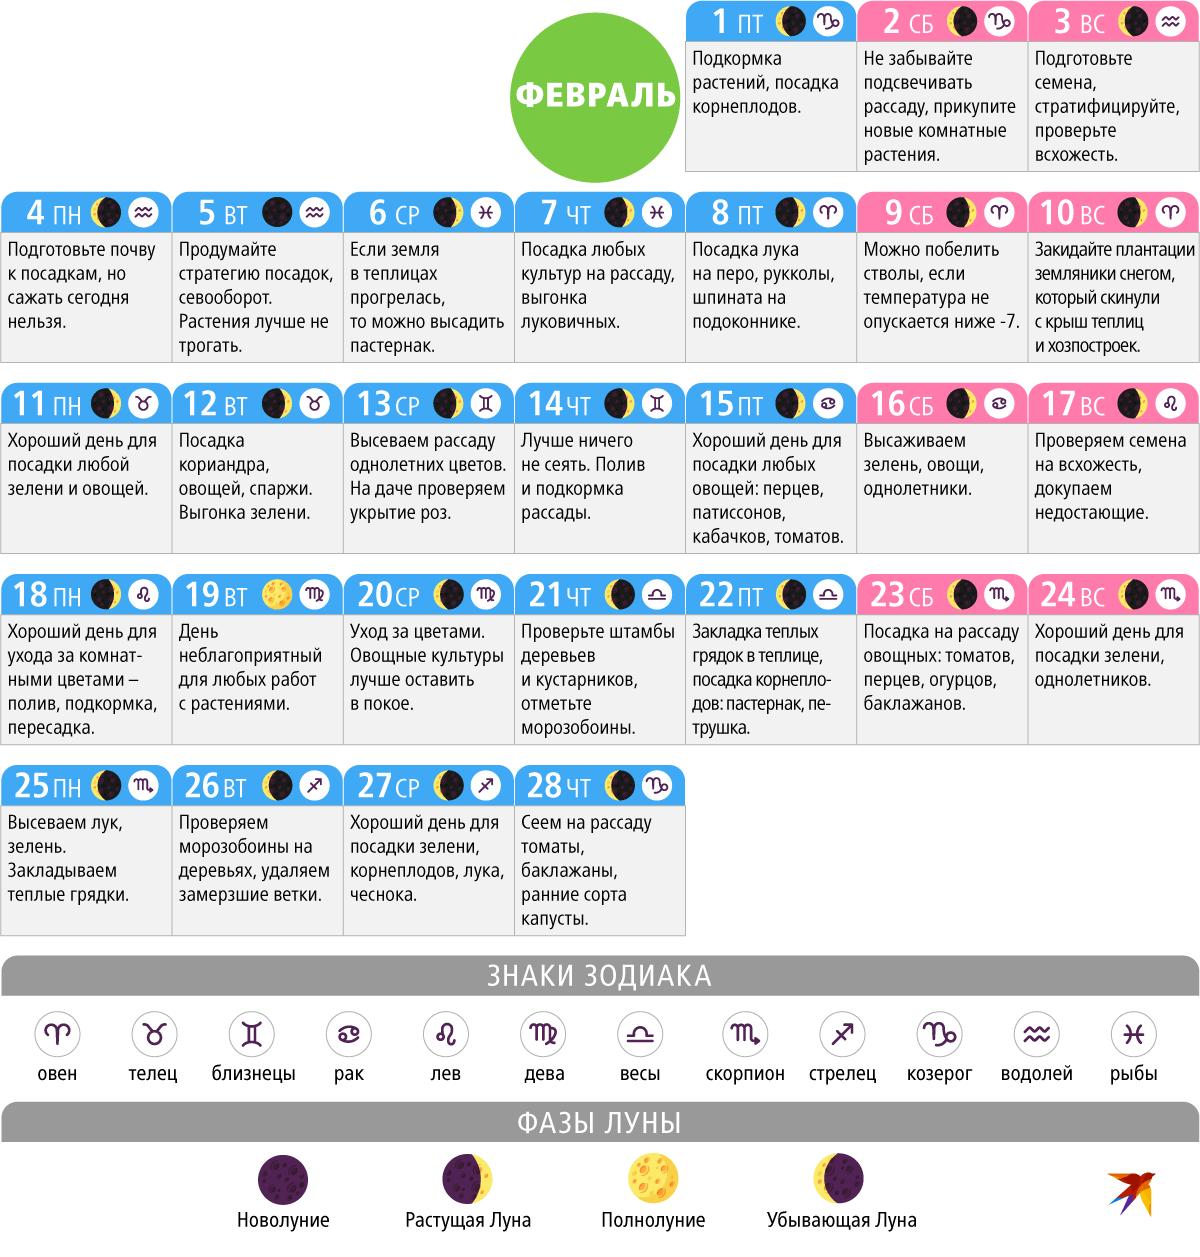 Когда сажать кабачки на рассаду в 2021 году по лунному календарю в марте: выбор благоприятных дней для посева и ухода